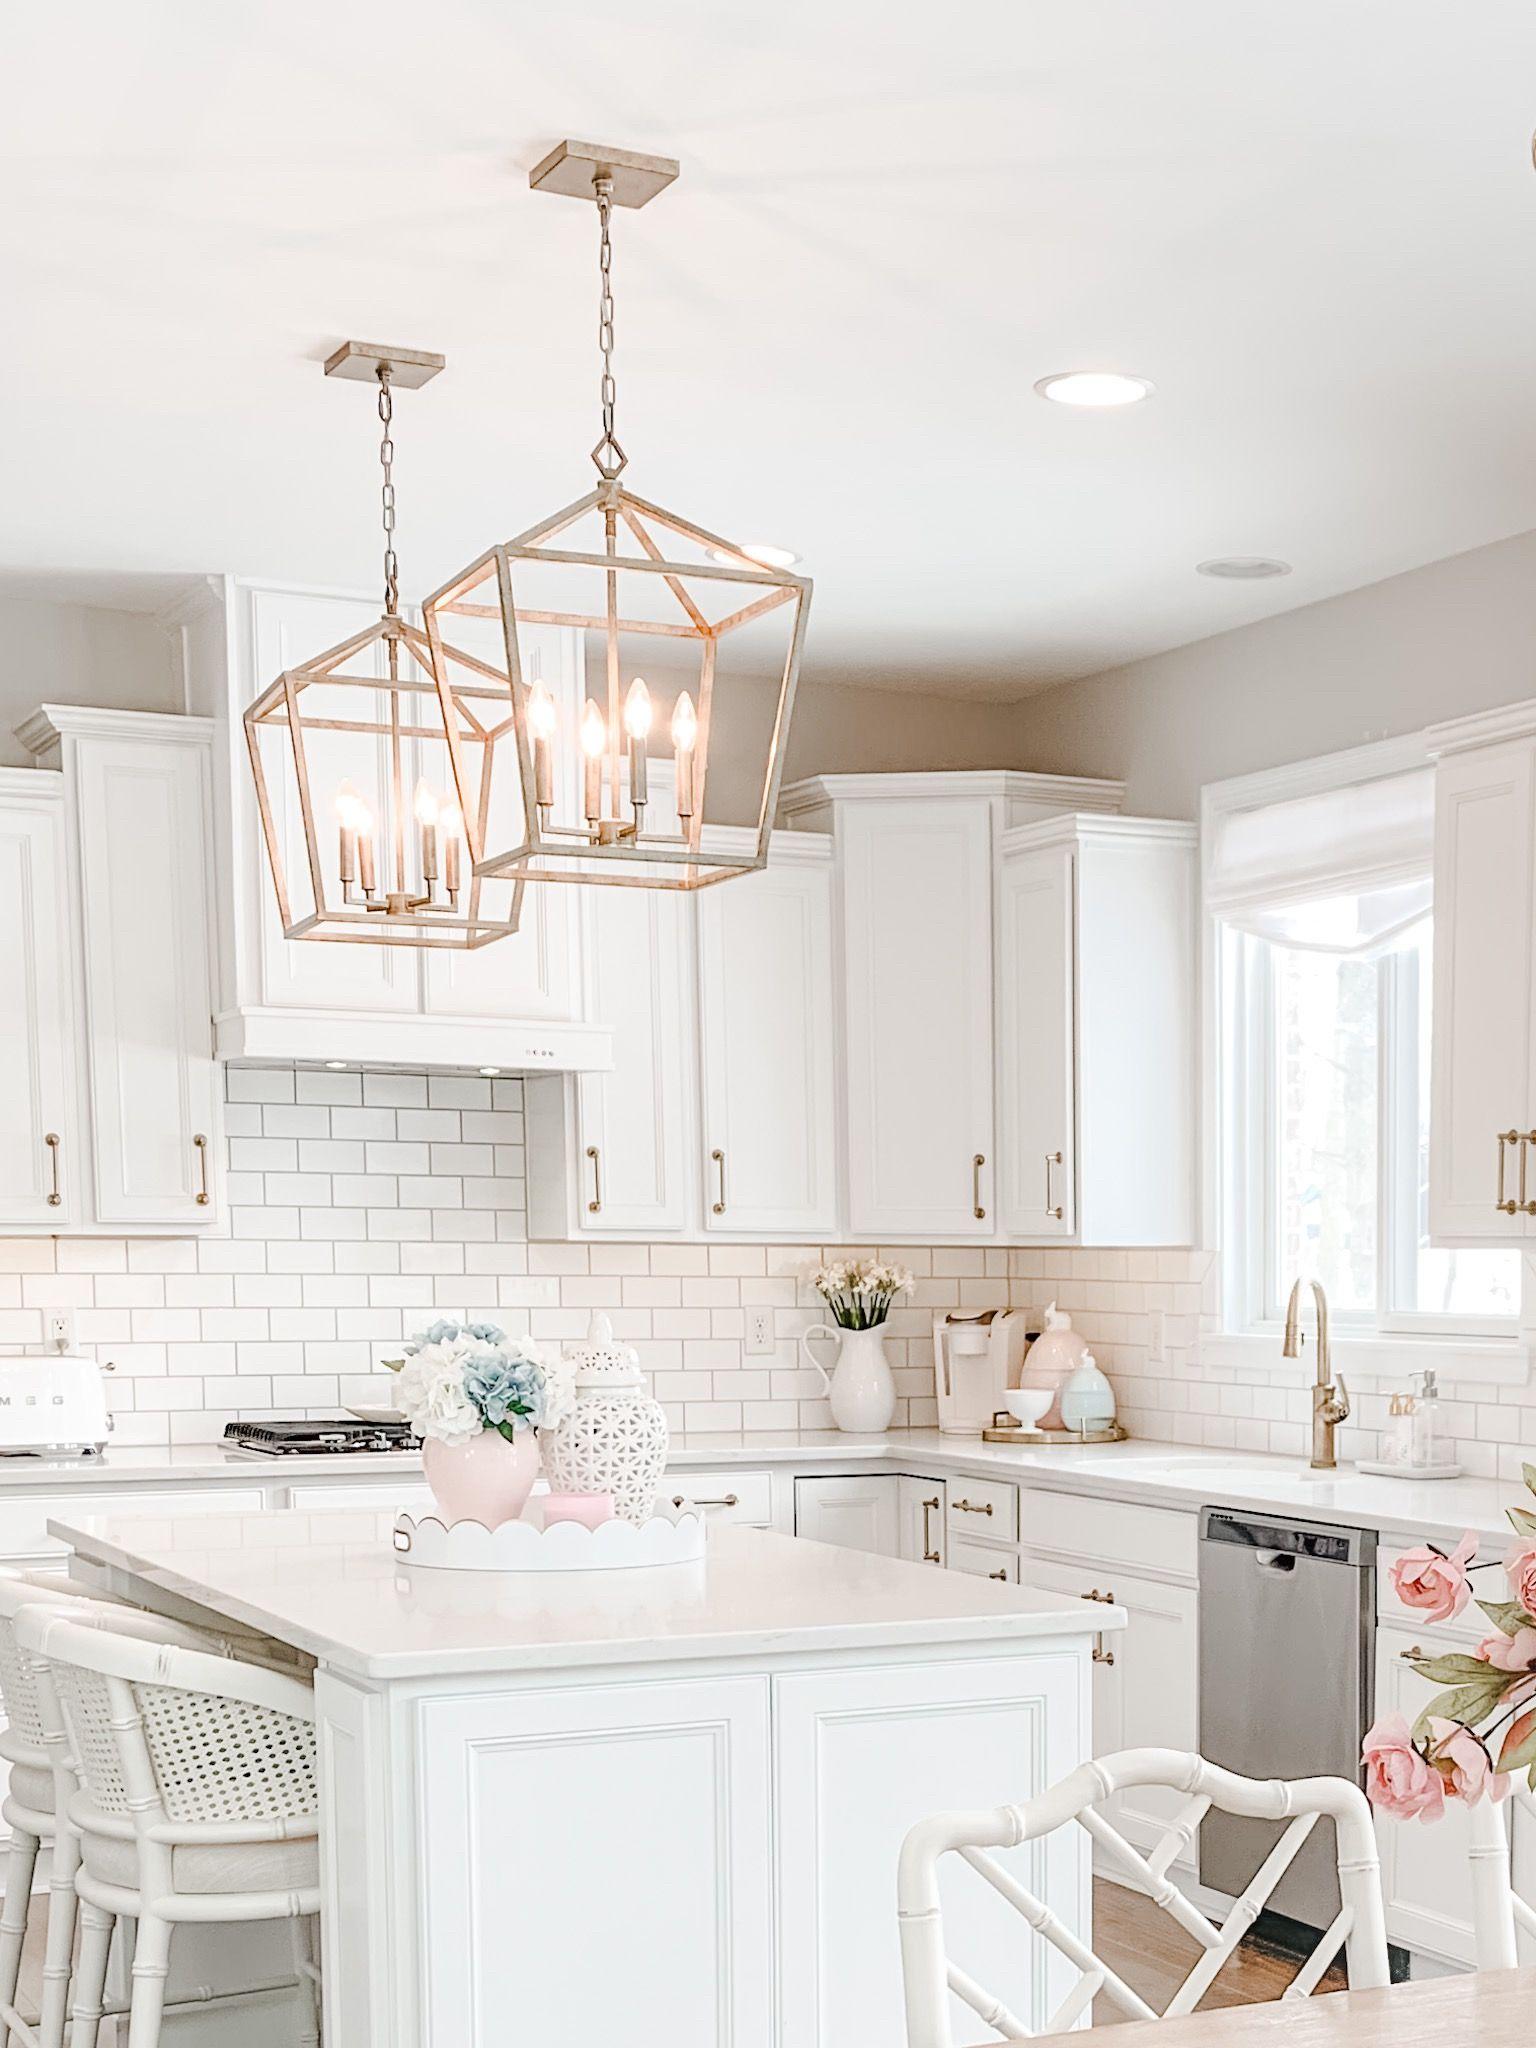 Classic Chic White Kitchen Classic White Kitchen Kitchen Decor Themes Gold Kitchen Hardware